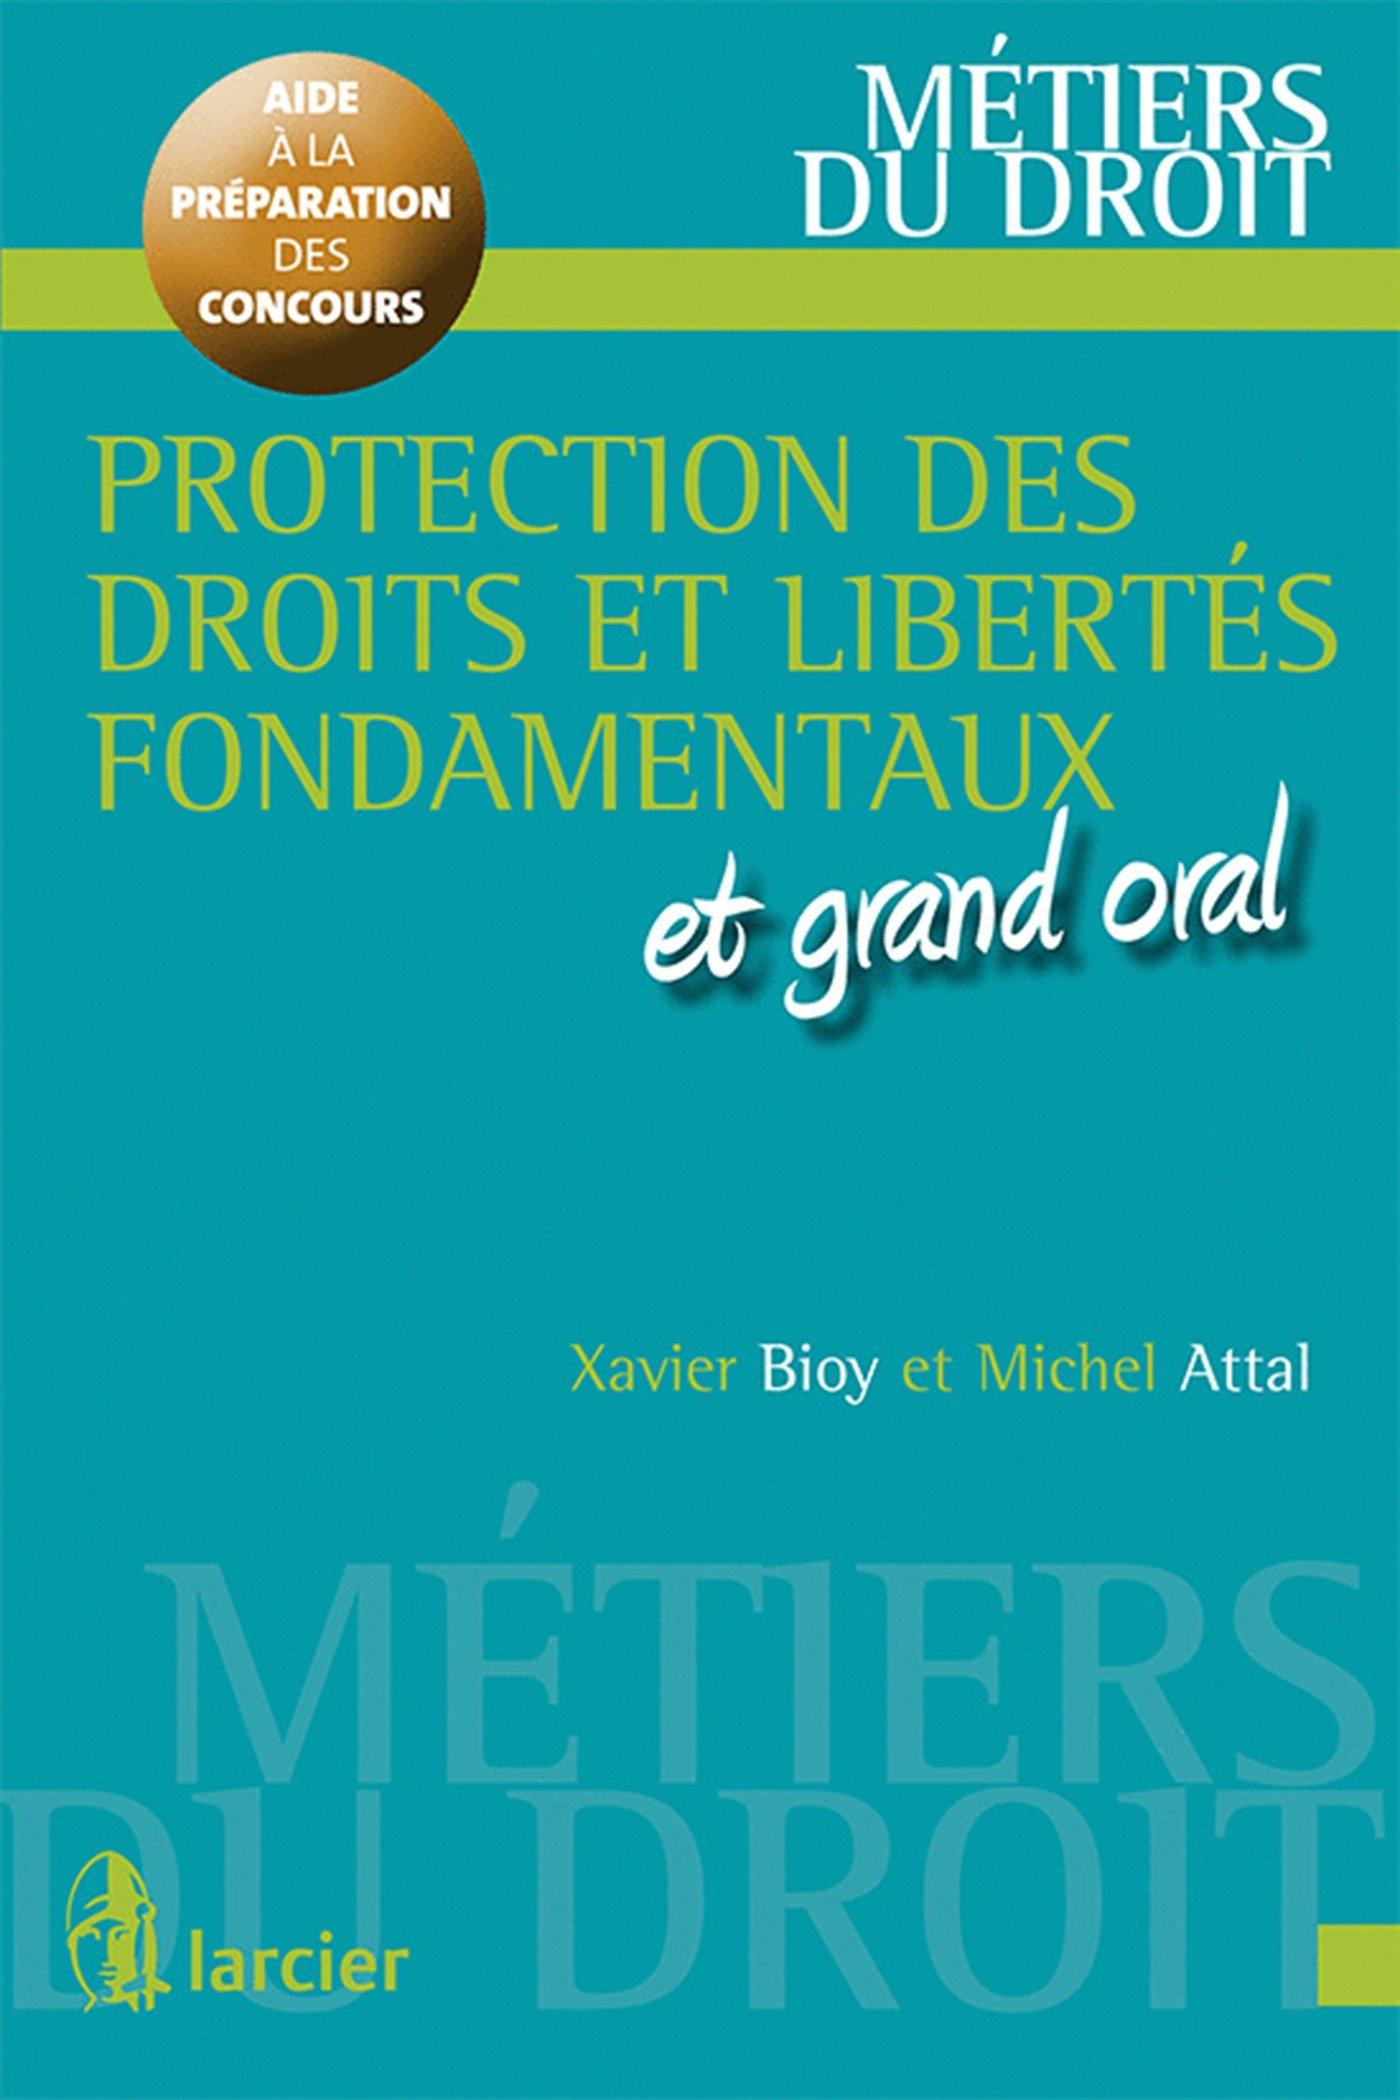 Protections des droits et libertés et droits fondamentaux et grand oral Métiers du droit: Amazon.es: Xavier Bioy, Michel Attal: Libros en idiomas ...